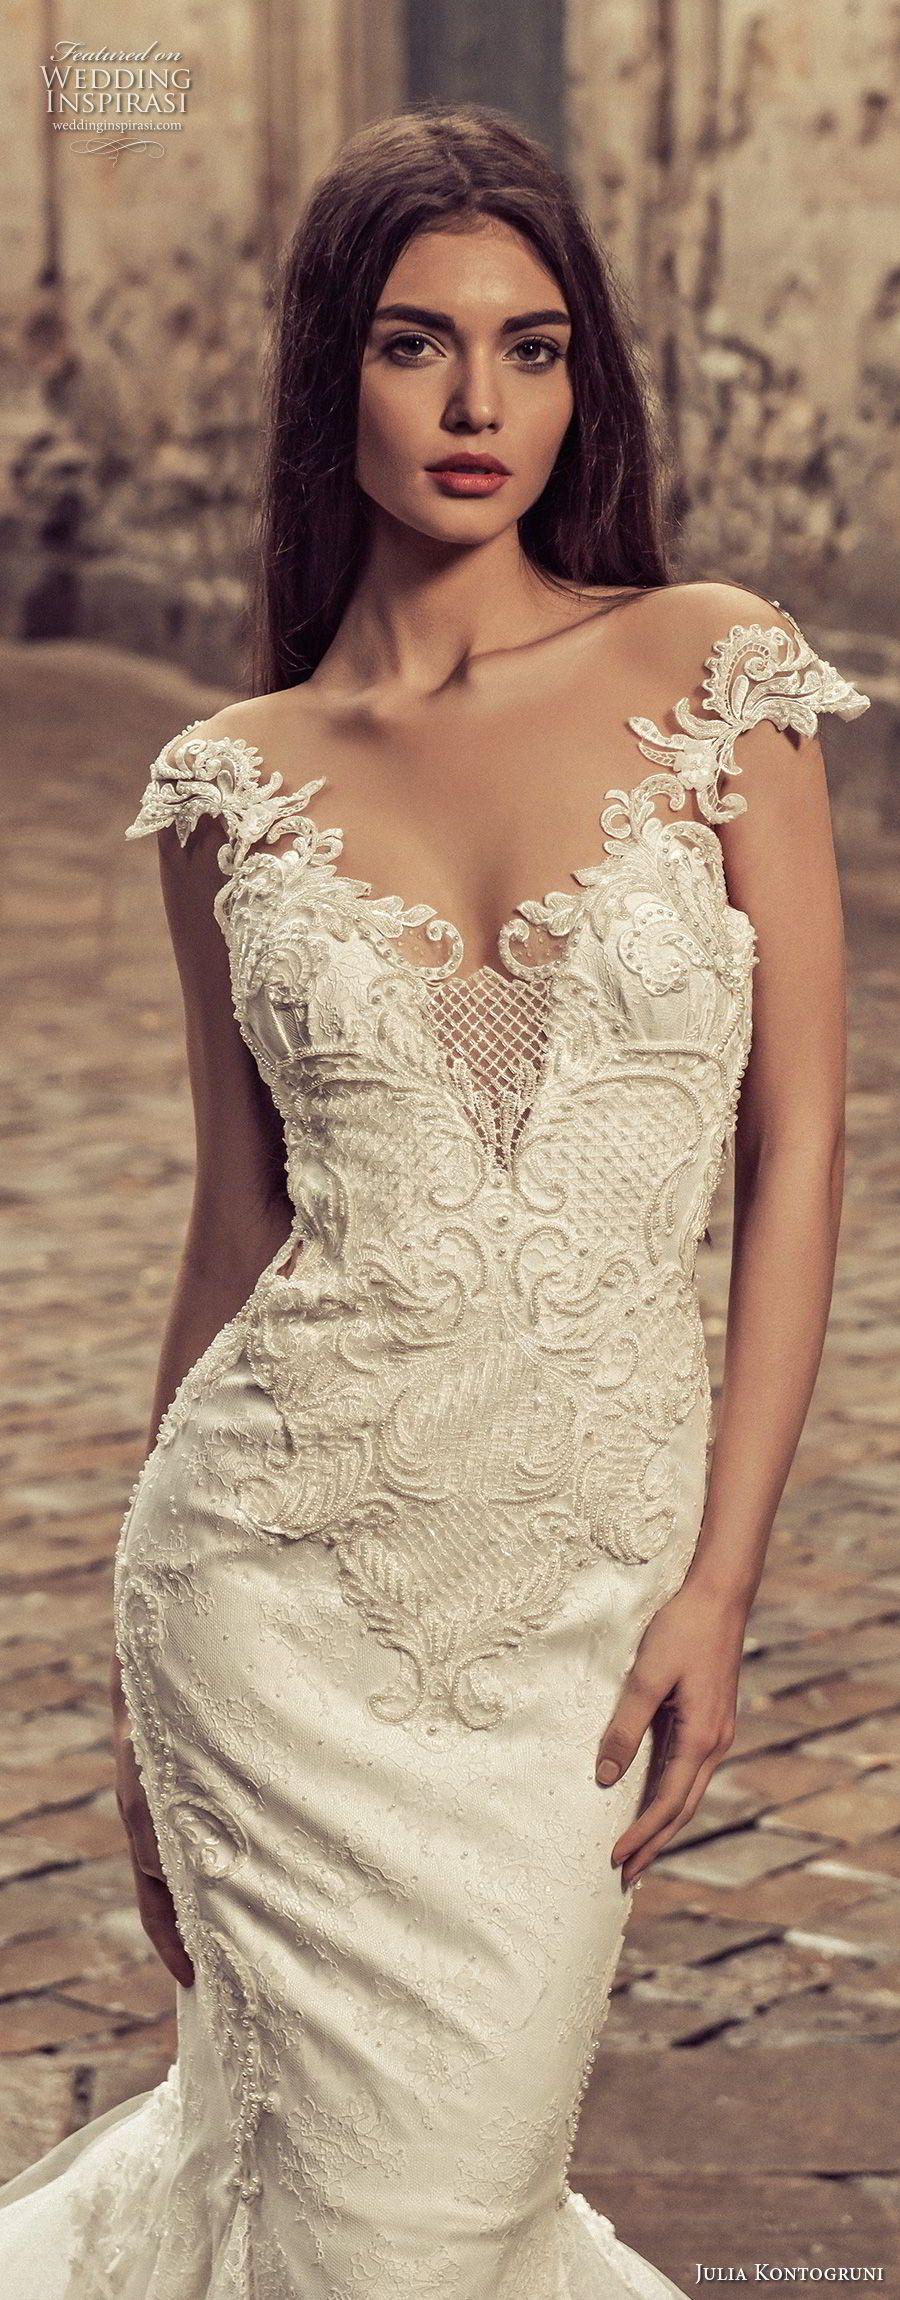 Elegant mermaid wedding dresses  Julia Kontogruni  Wedding Dresses  Mermaid wedding dresses